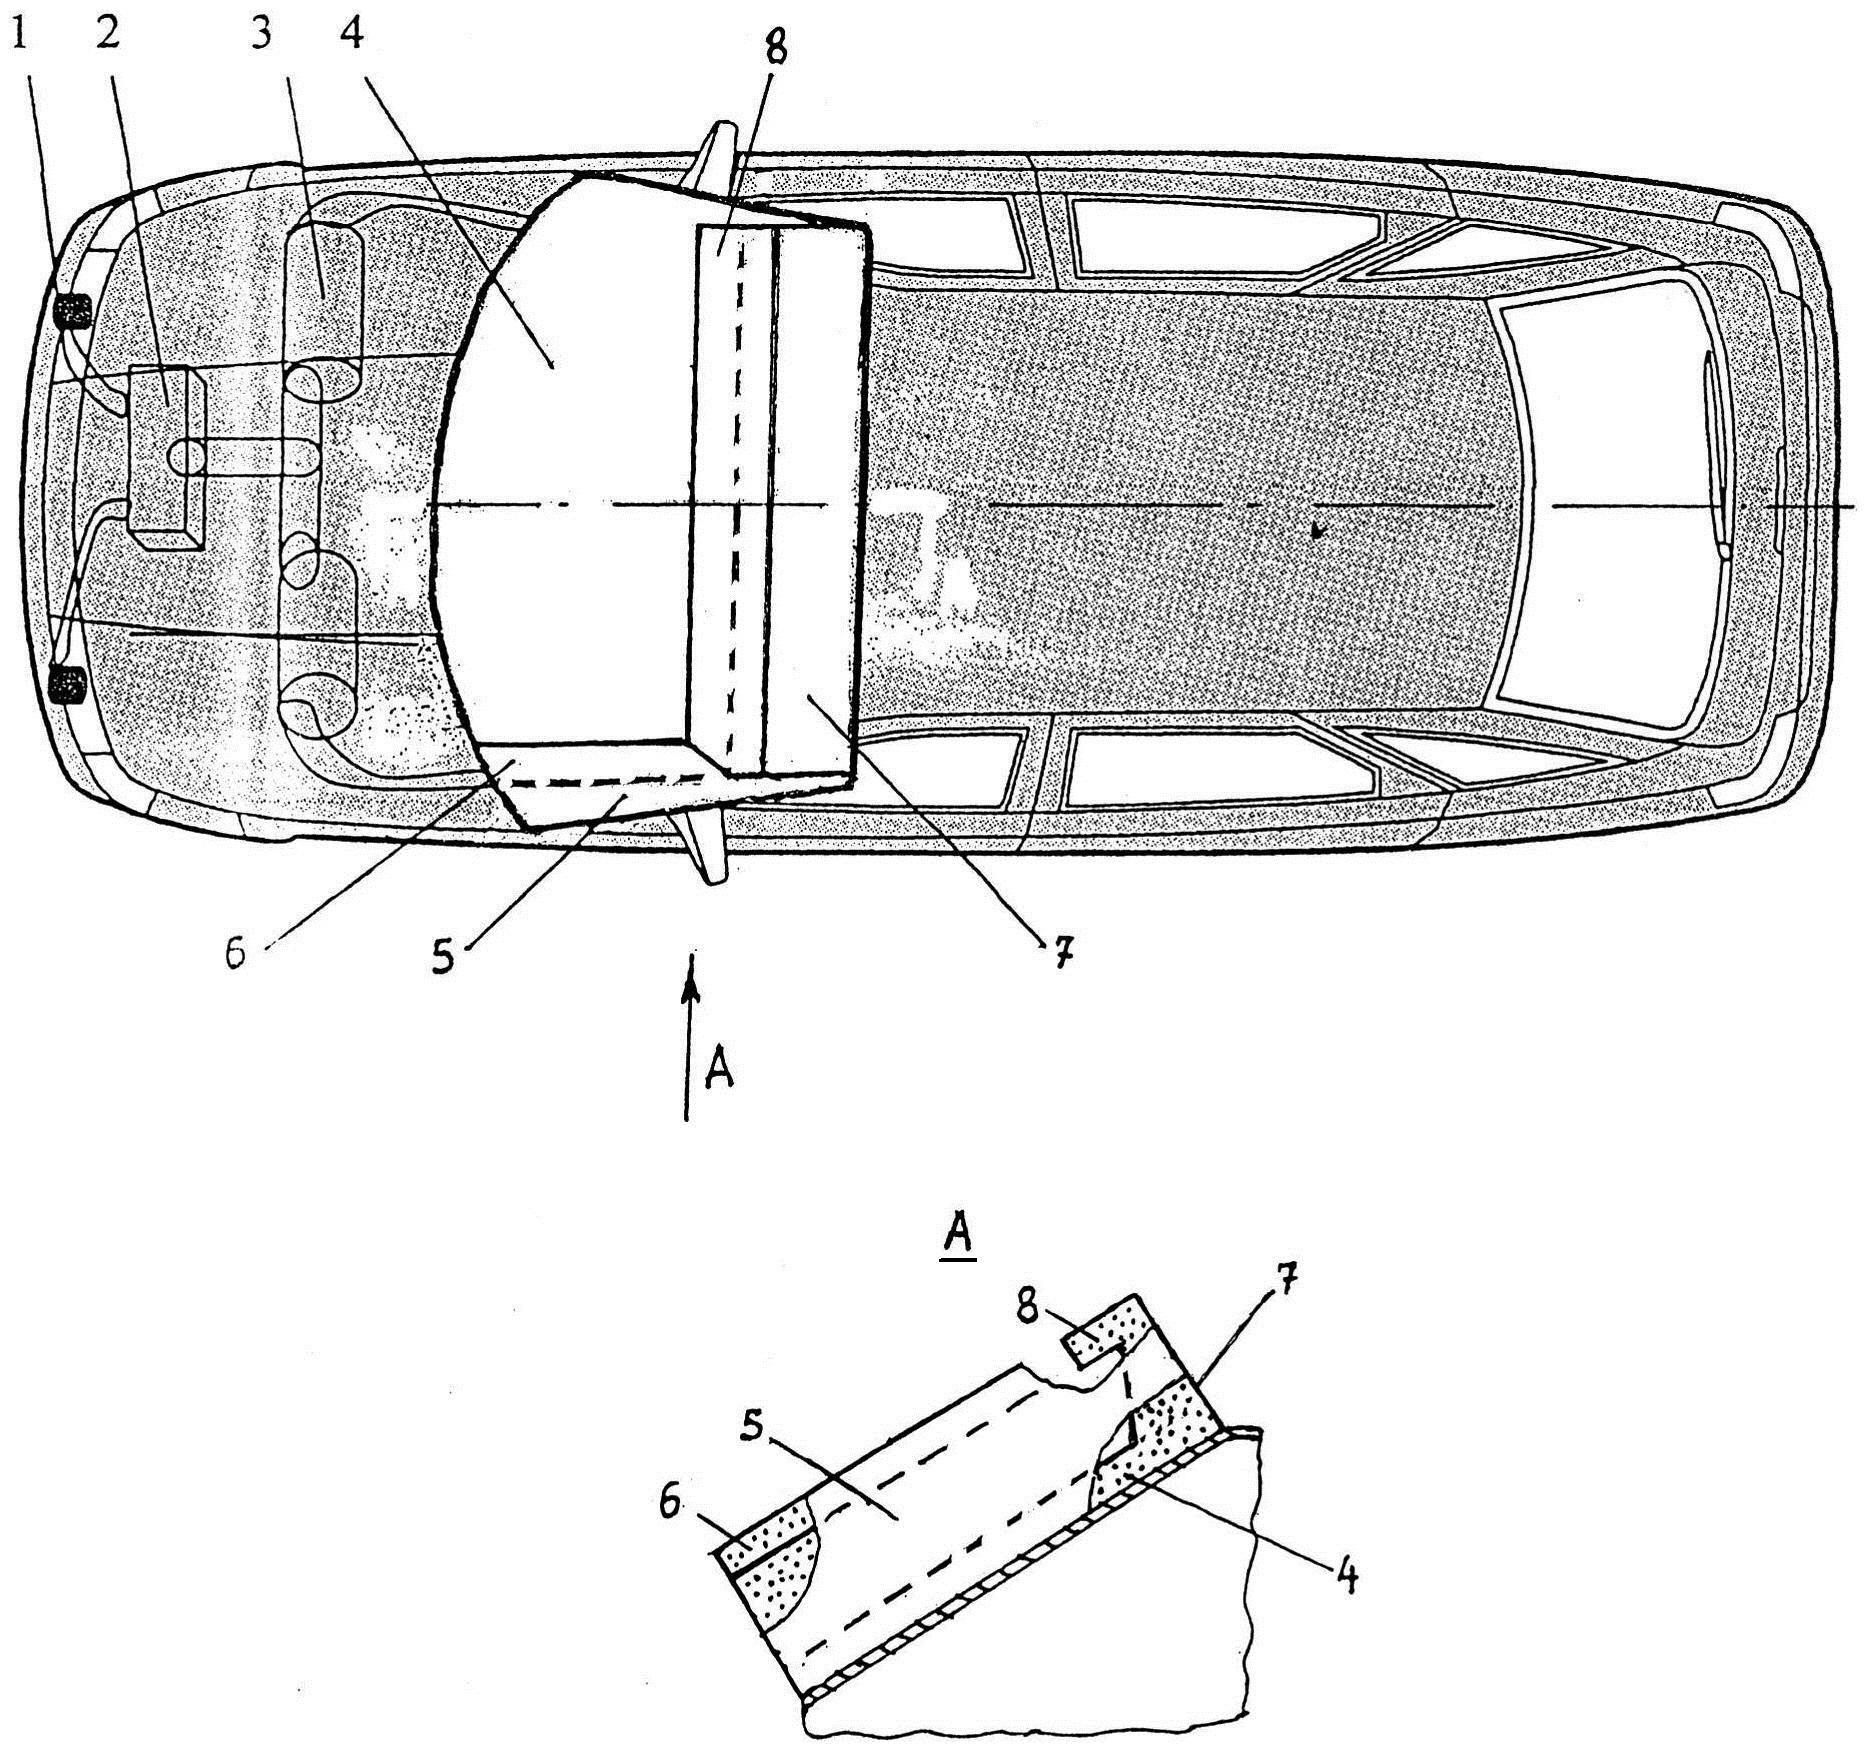 Устройство для повышения пассивной безопасности автотранспортного средства